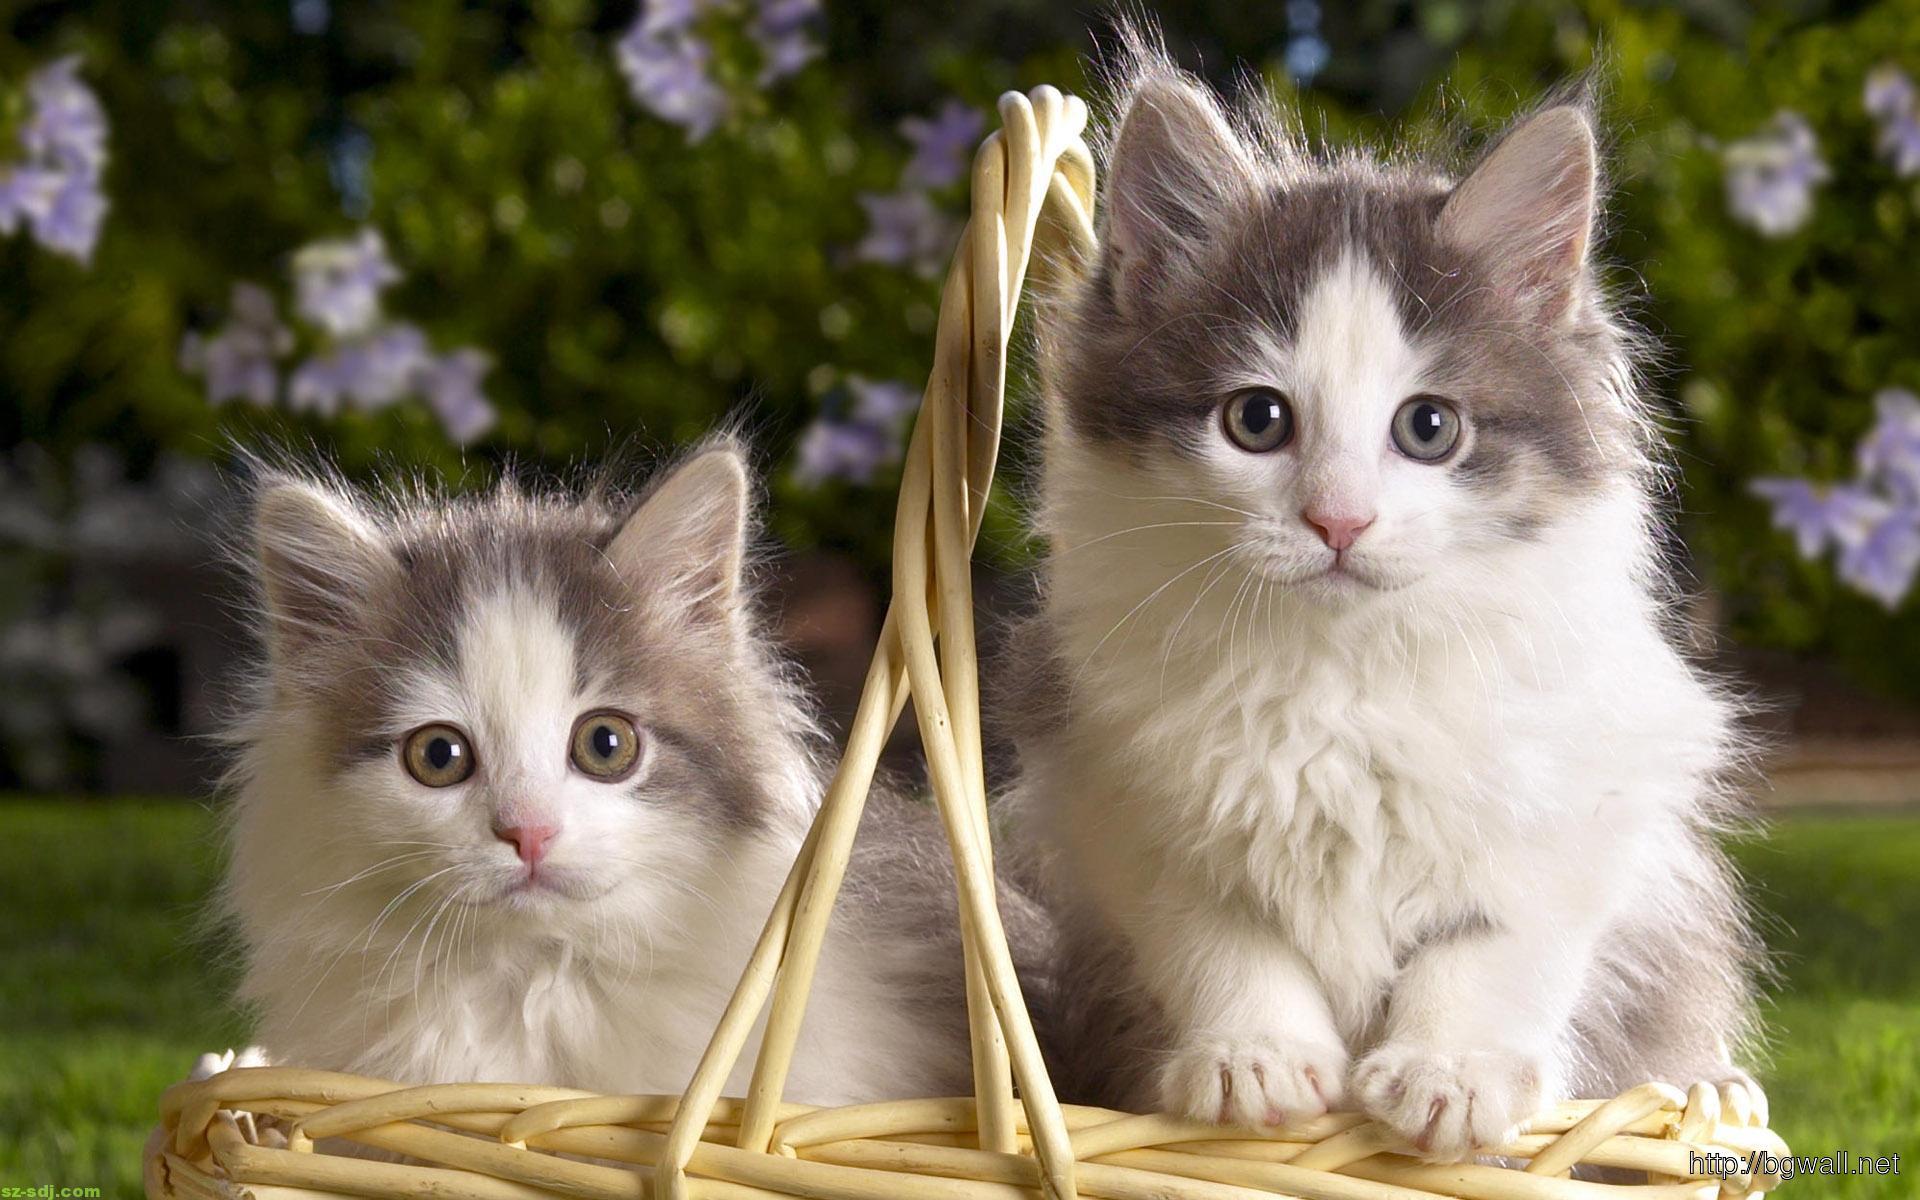 Hình nền hai chú mèo con cực đẹp cho máy tính